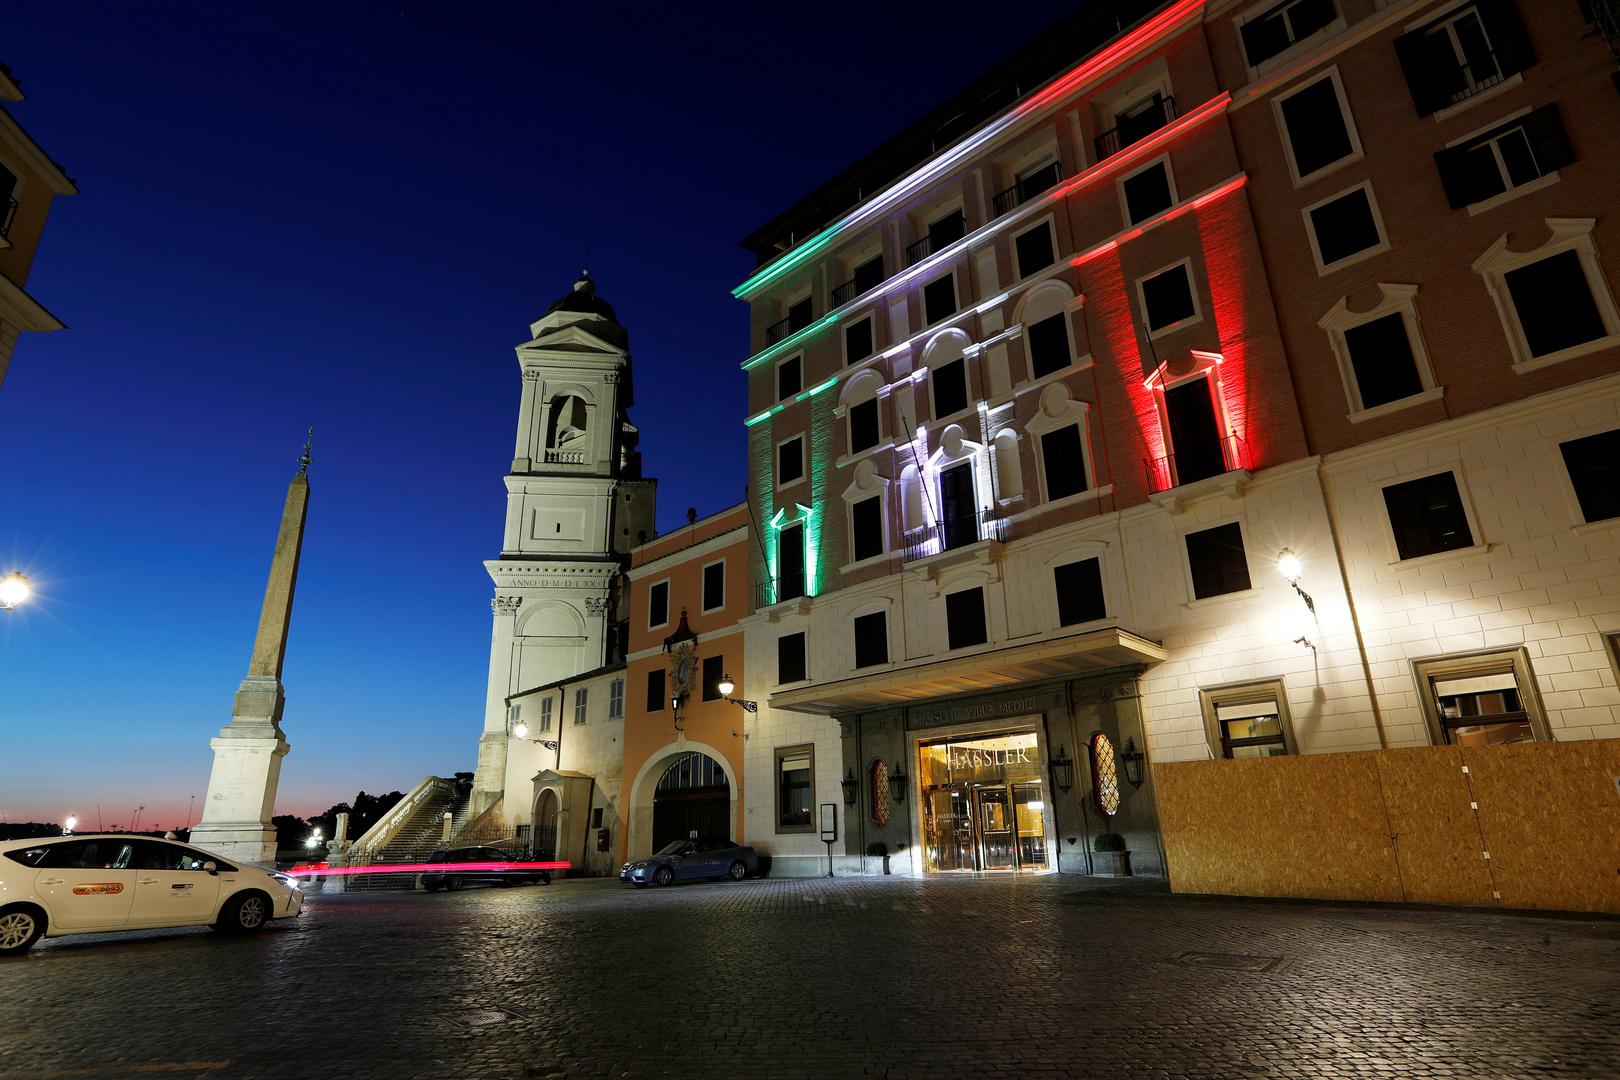 عدد إصابات كورونا في إيطاليا يتجاوز 234 ألفا